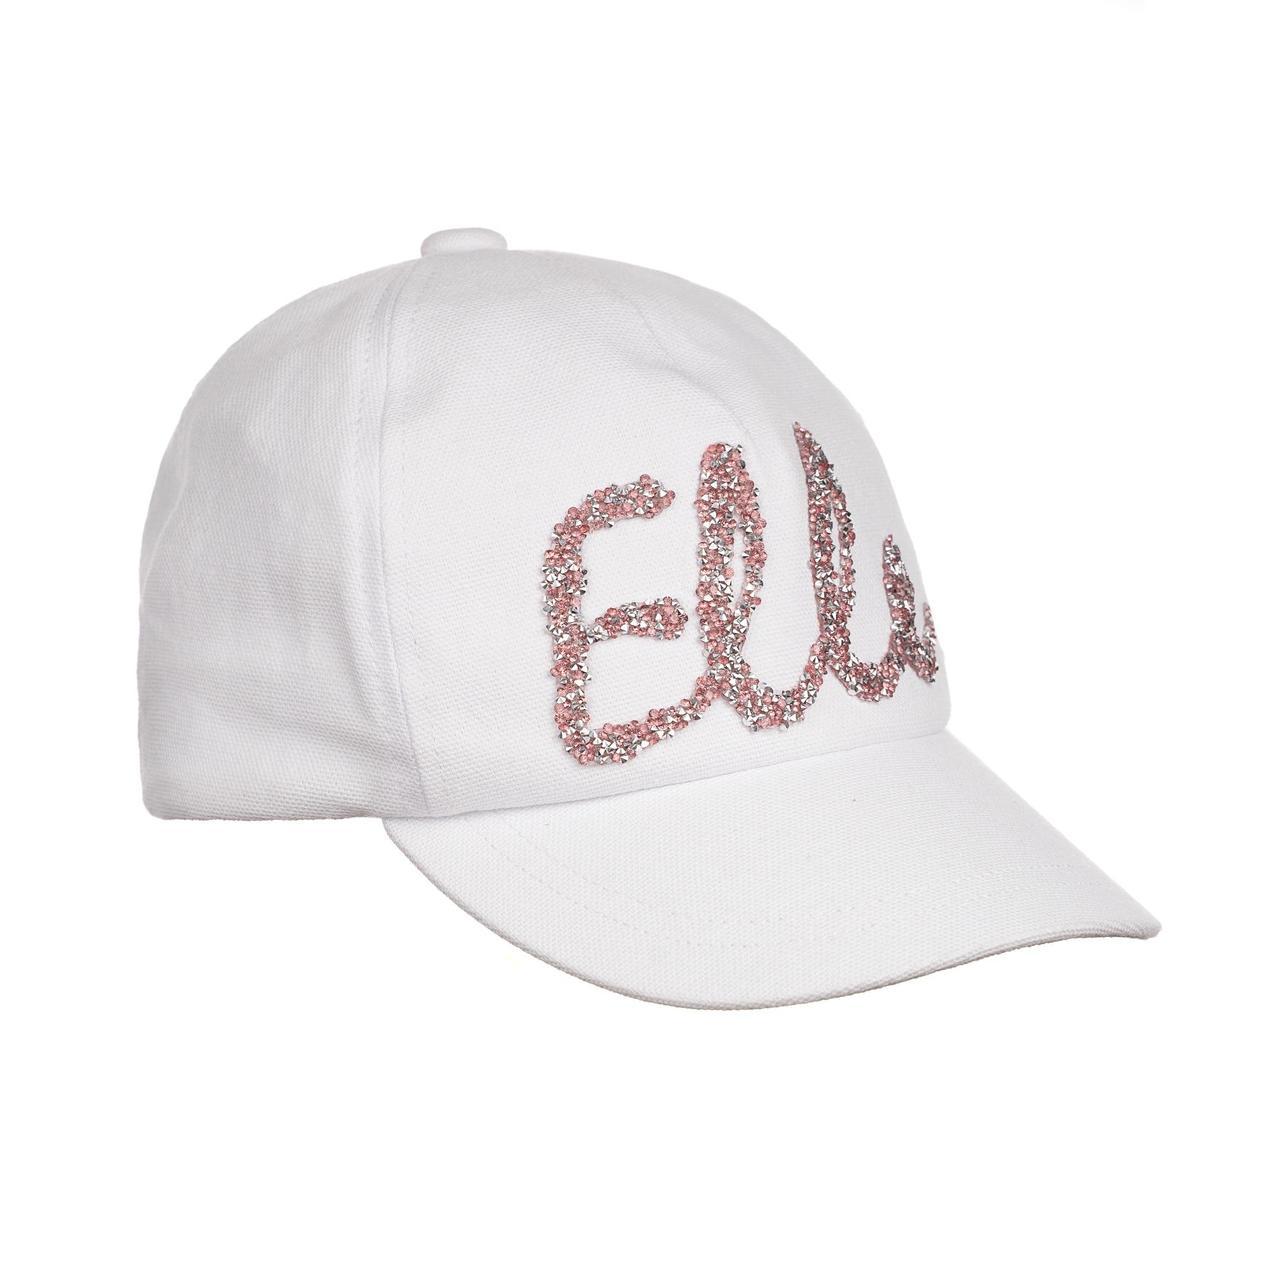 Бейсболка  для девочек elle - белая GIAMO  (р. 48-56)   YLG07